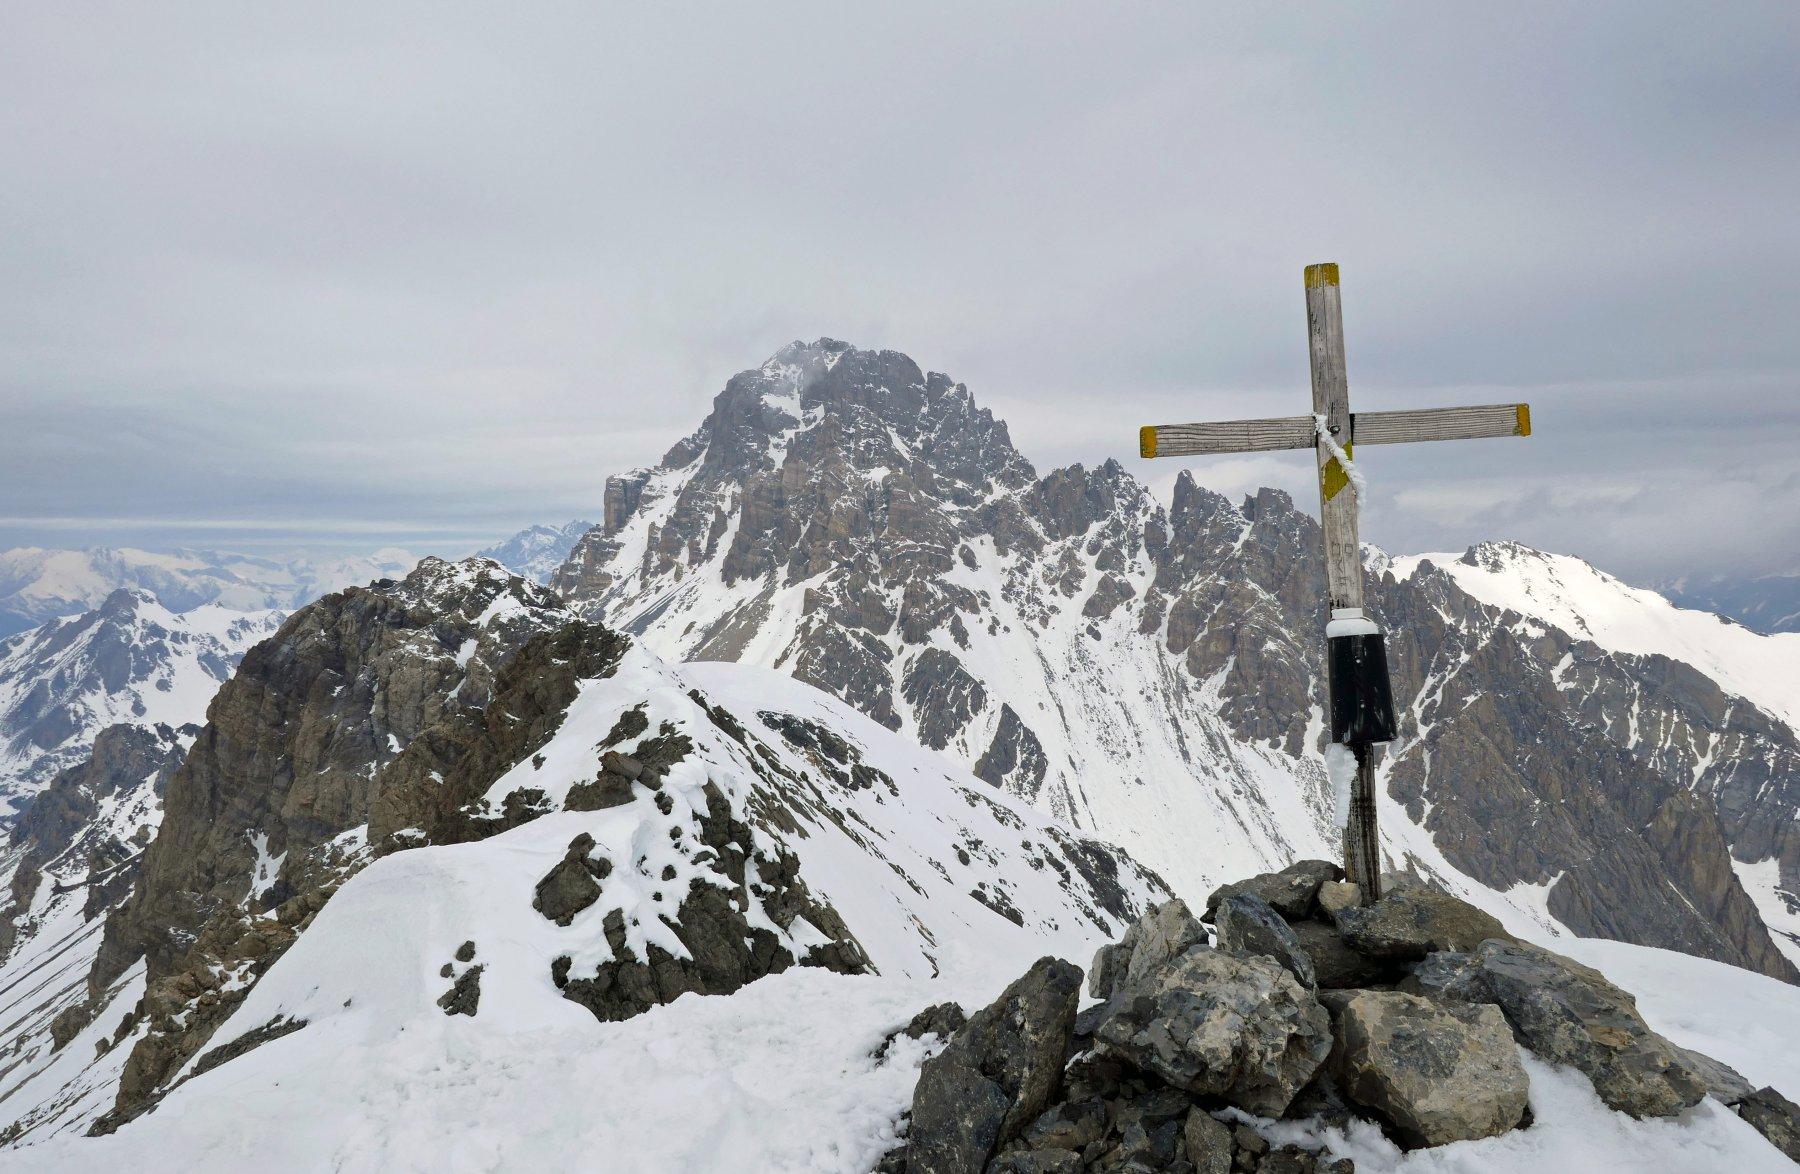 Croce di vetta del Vanclava, dietro la mole rocciosa dell'Oronaye